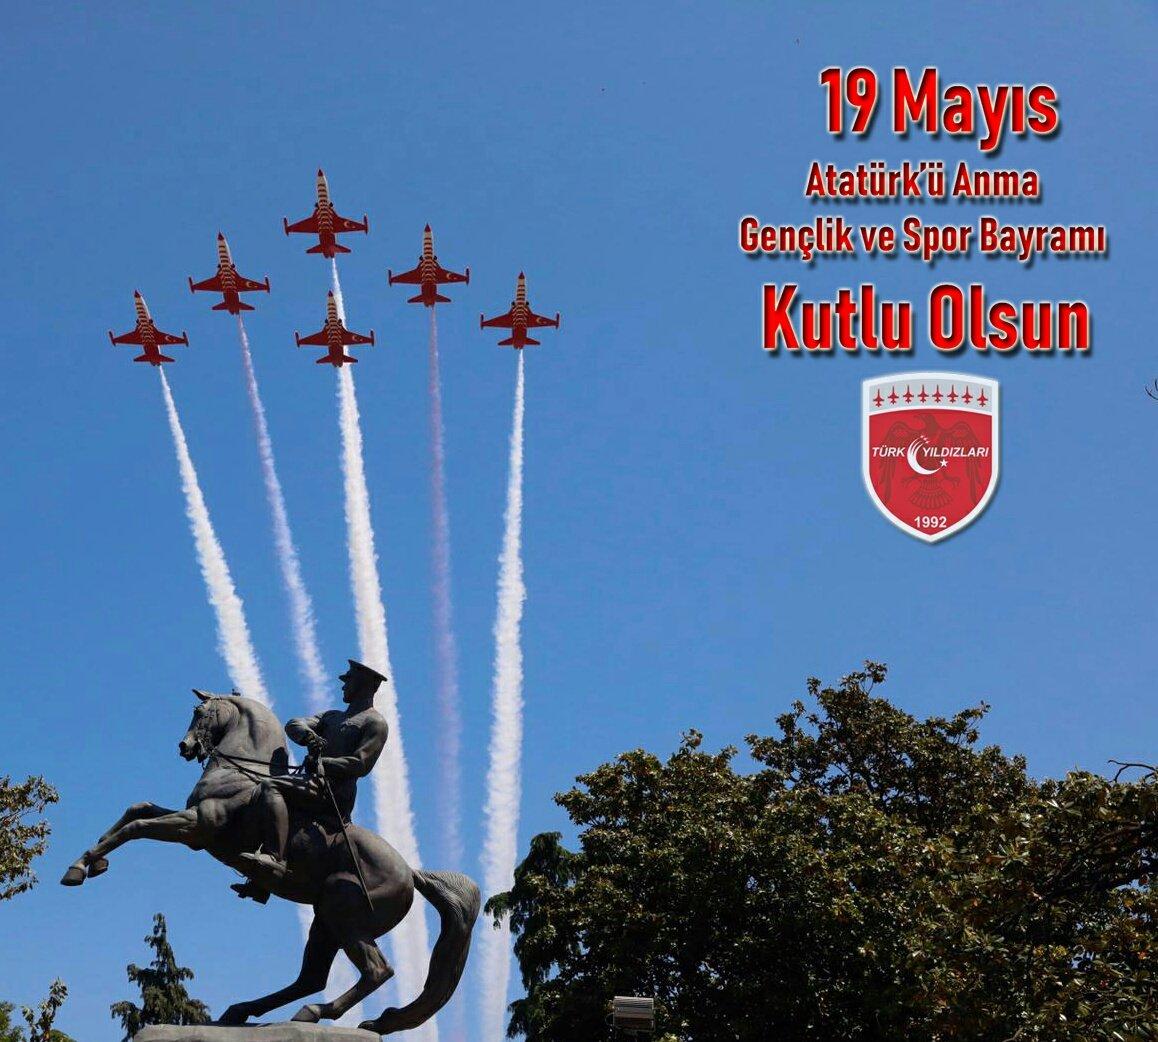 19 Mayıs Atatürk'ü Anma, Gençlik ve Spor Bayramımız kutlu olsun! Gazi Mustafa Kemal Atatürk başta olmak üzere milli mücadelemizin bütün kahramanlarını rahmet ve şükranla anıyoruz. #19MAYIS #19MAYIS1919 https://t.co/j3gBNIZevN